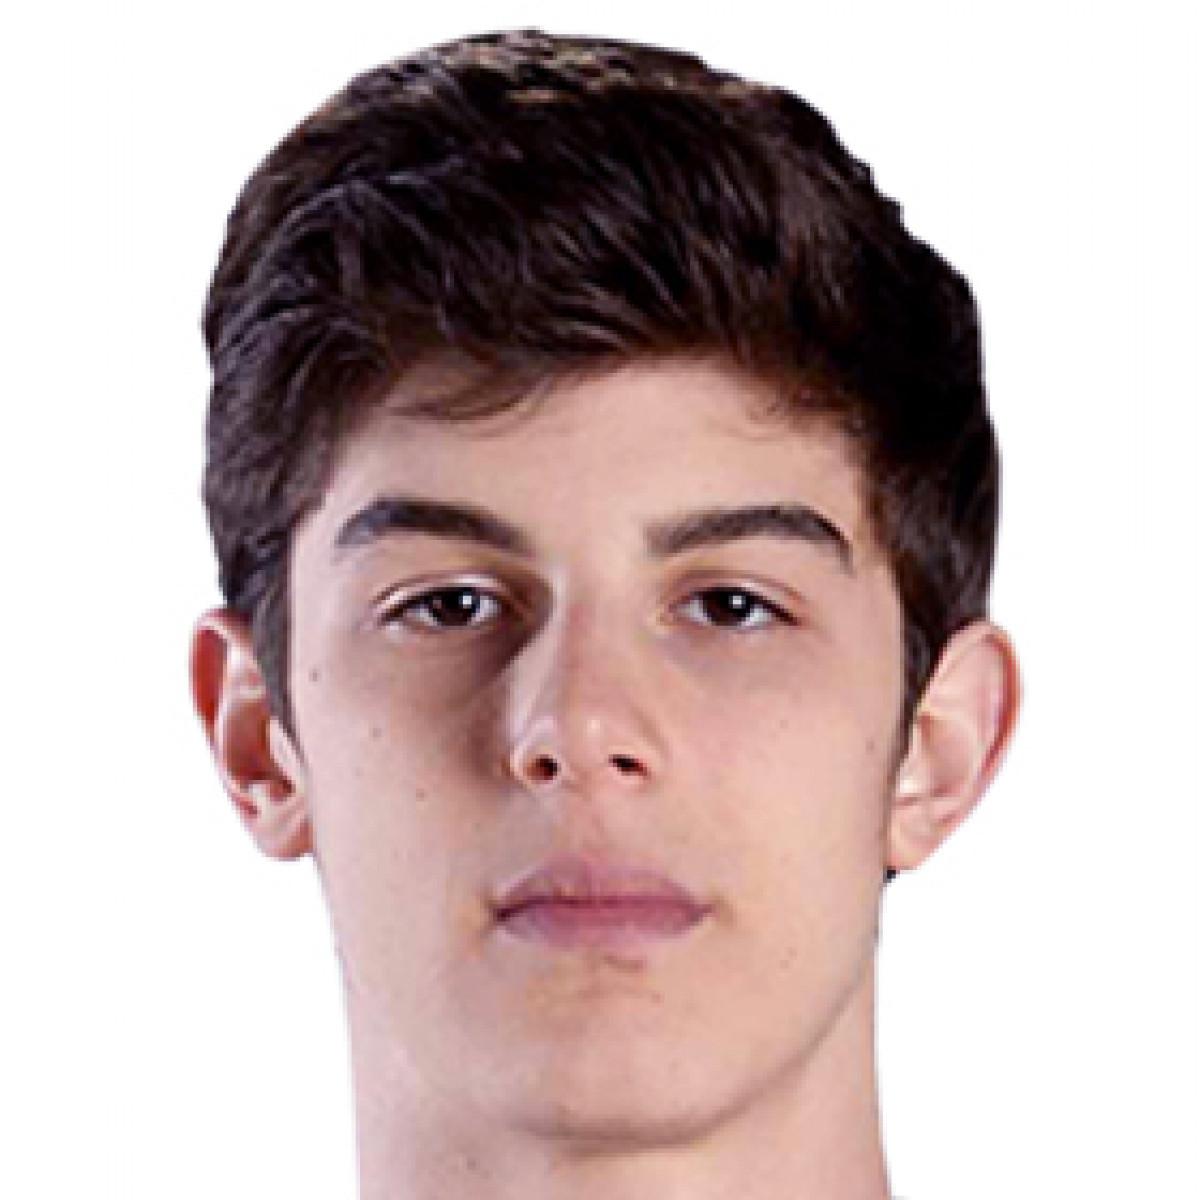 Federico Elias